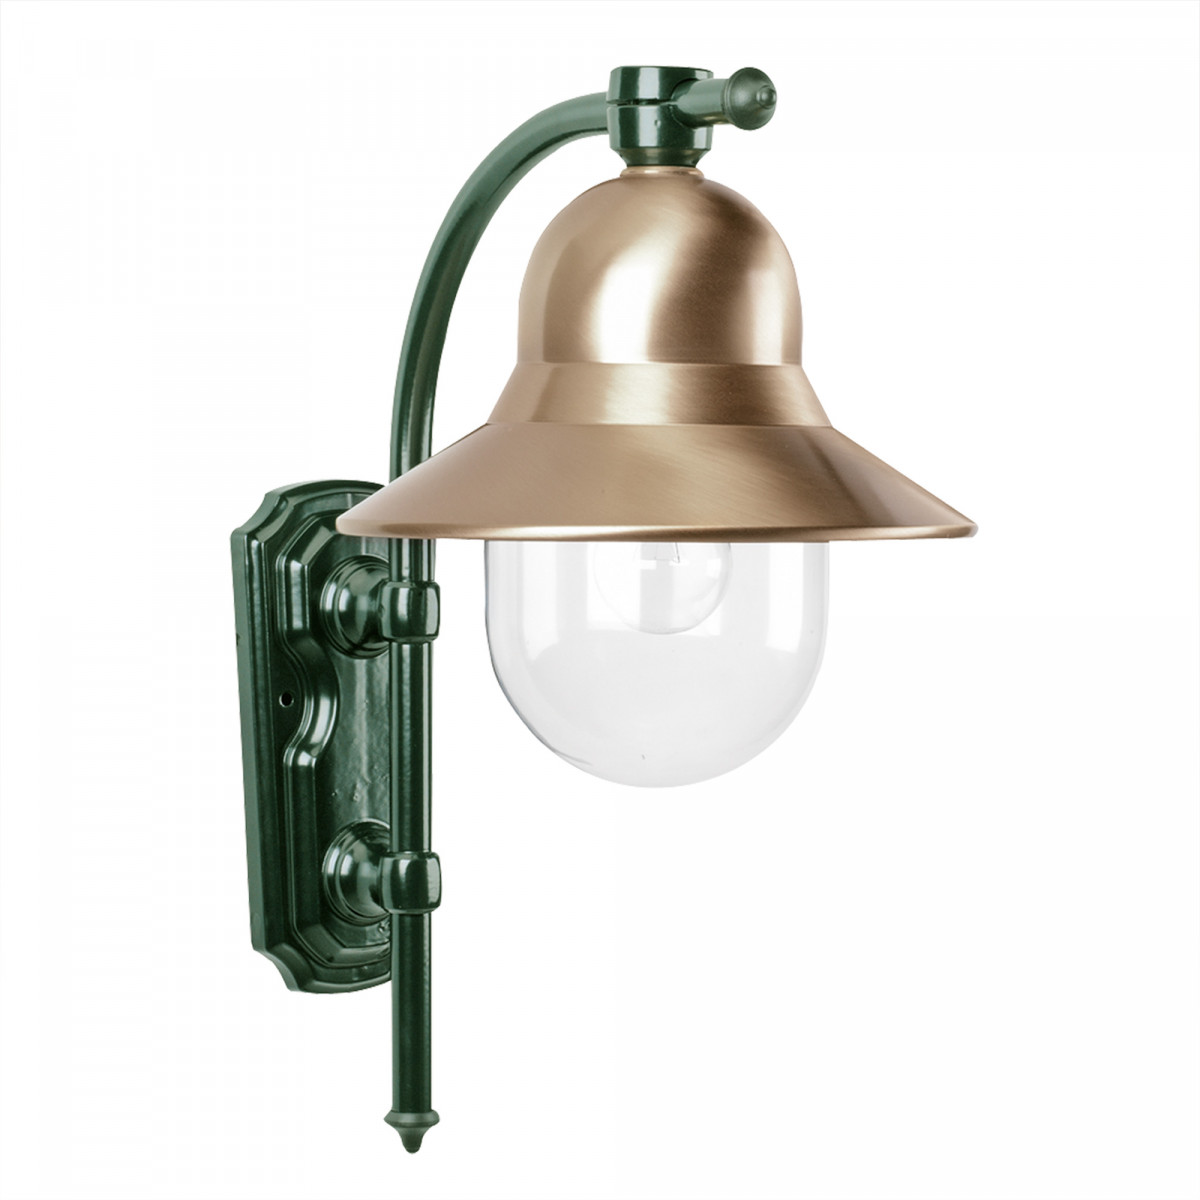 Toscane muurlamp (5103) - KS Verlichting - Semi Klassiek Landelijk